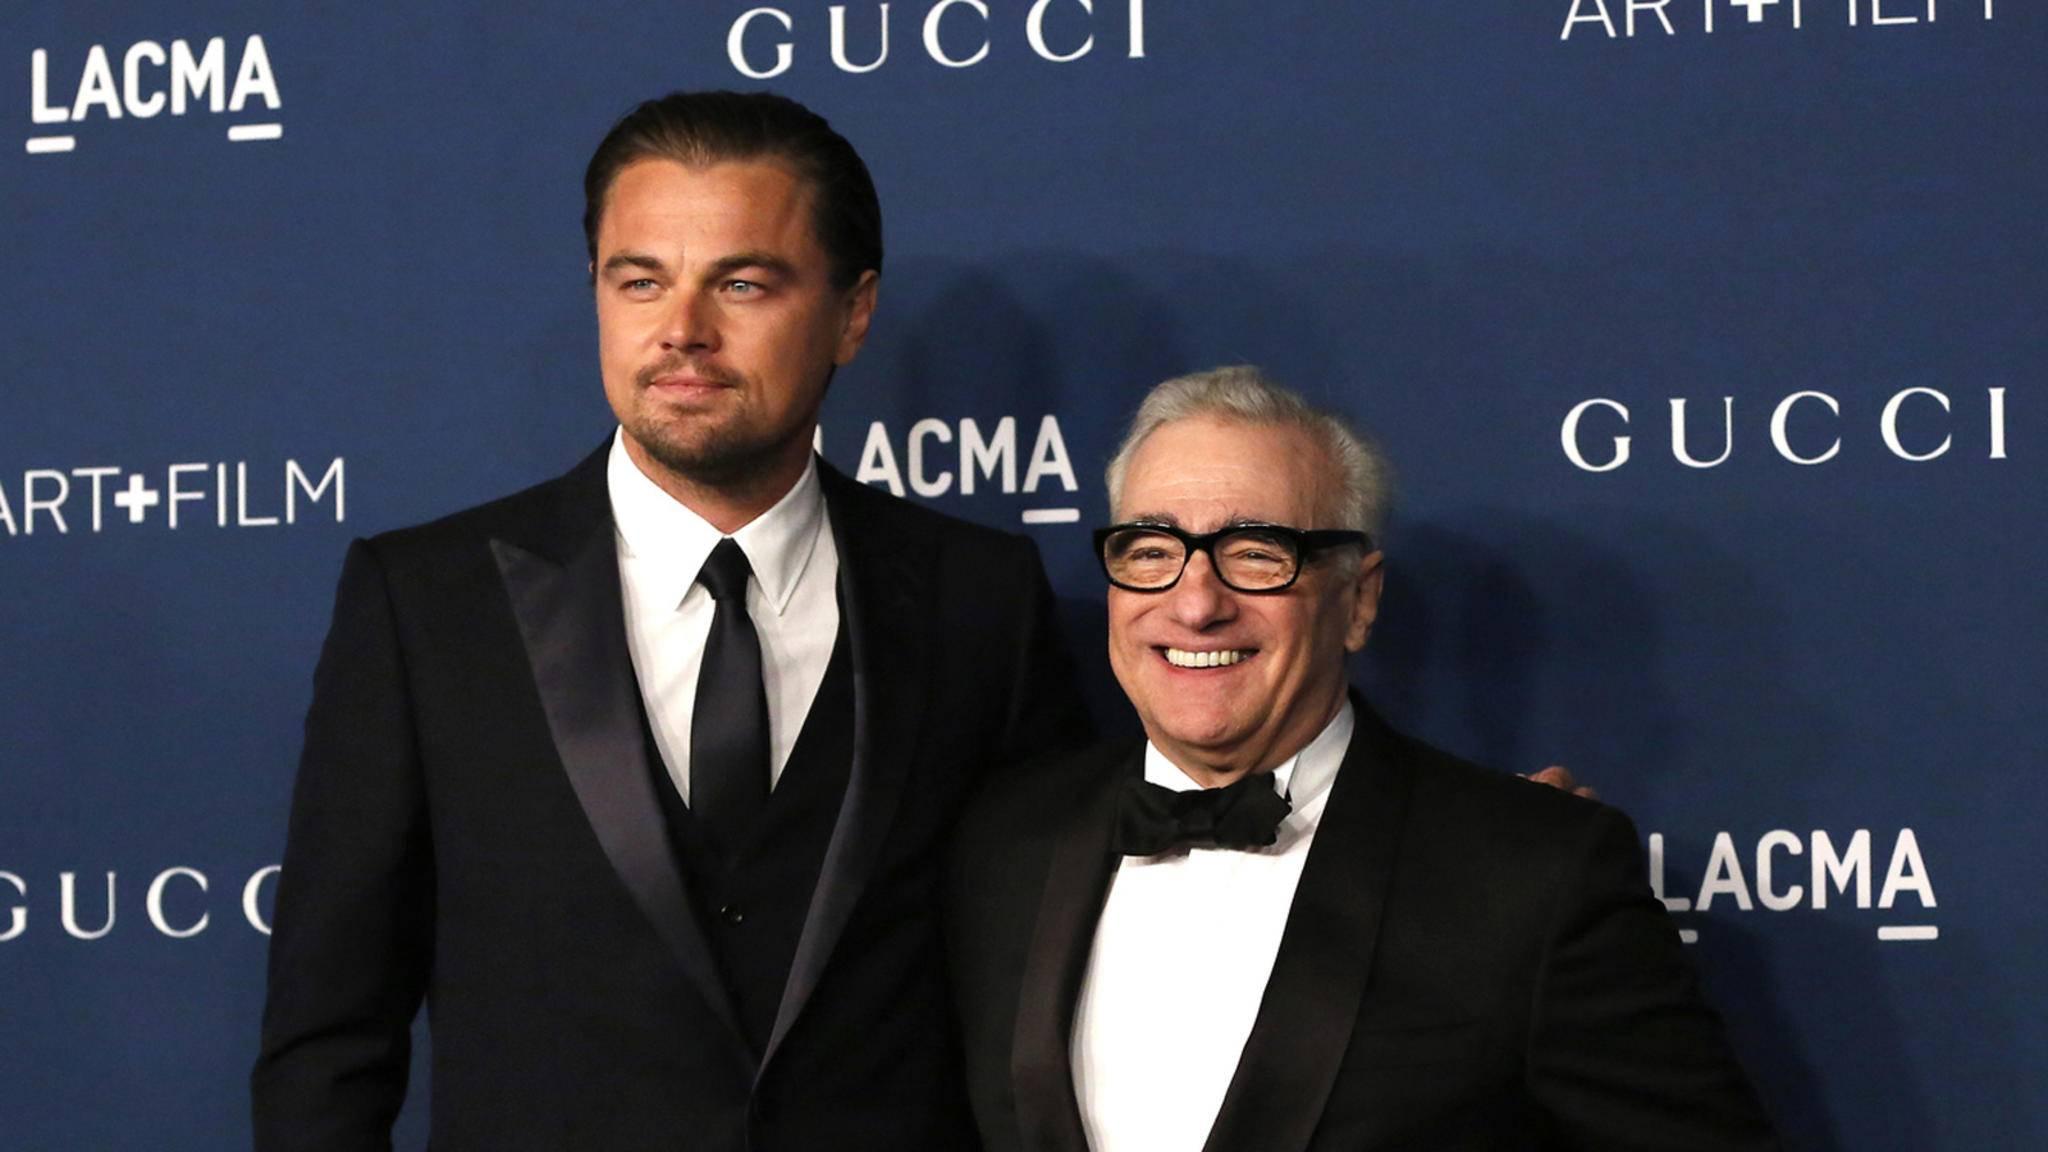 Martin Scorsese arbeitet am liebsten mit Robert De Niro und Leonardo DiCaprio zusammen.